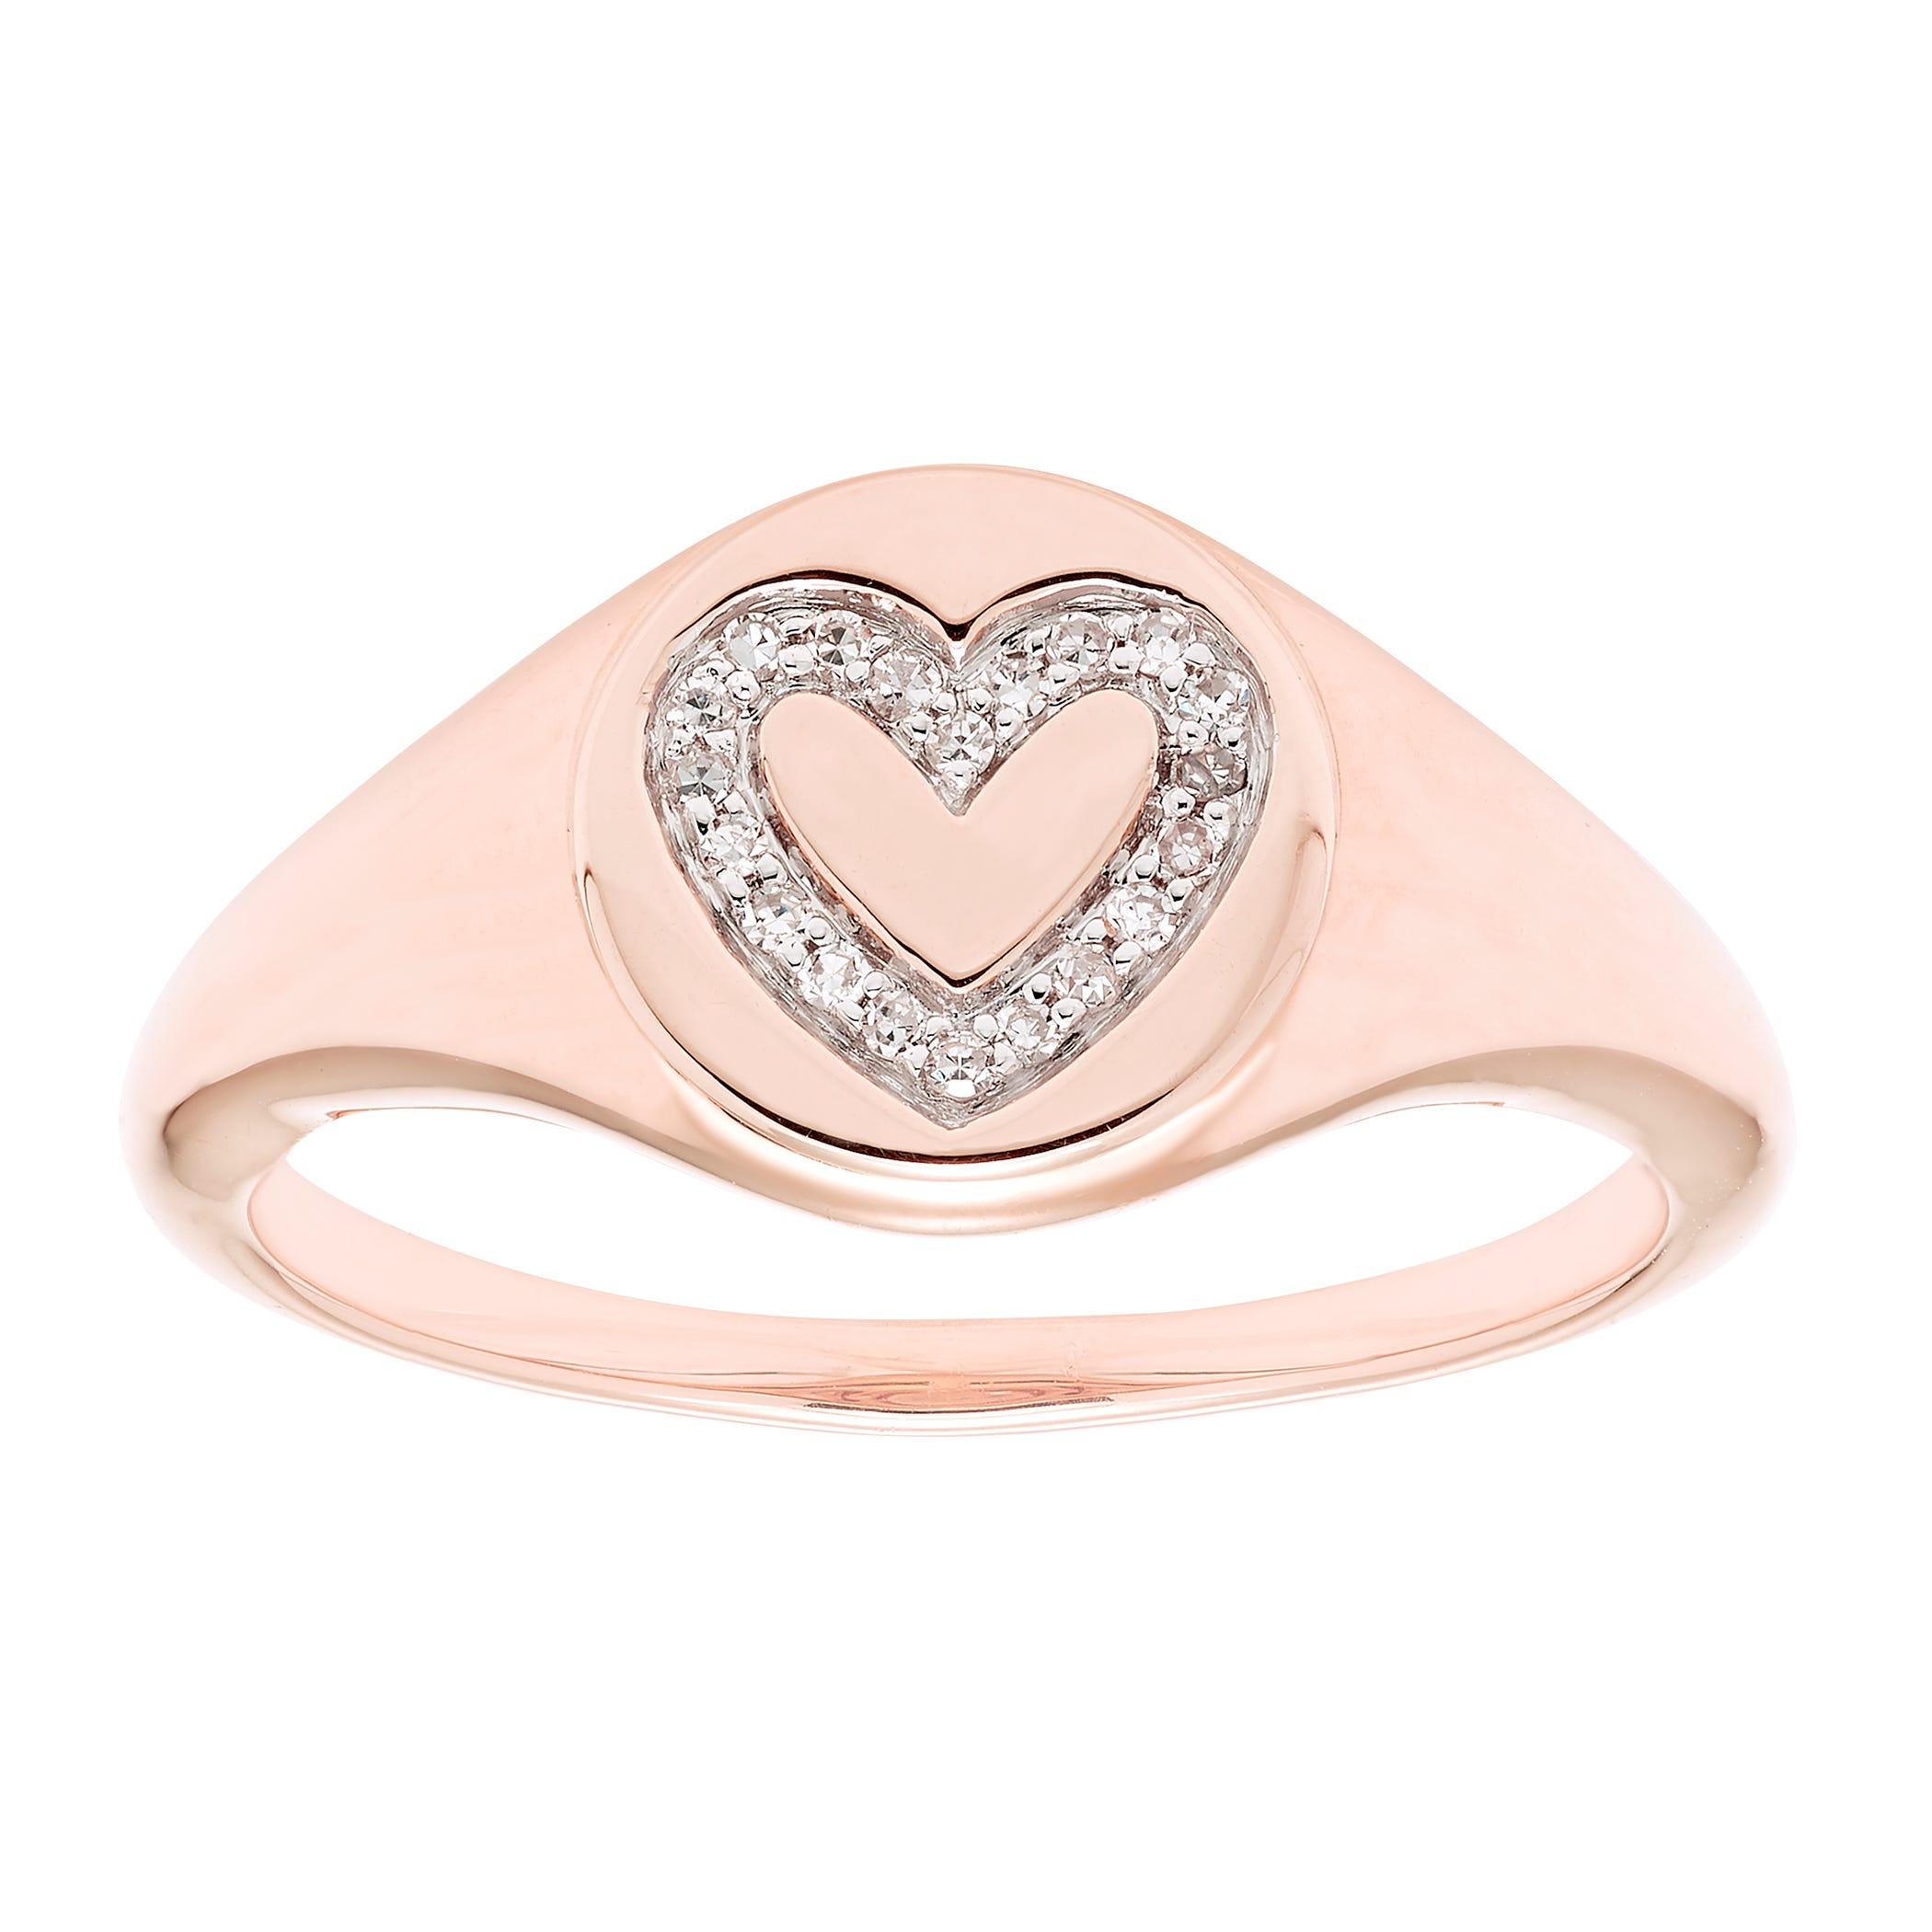 Diamond Heart Signet Ring in 14k Rose Gold